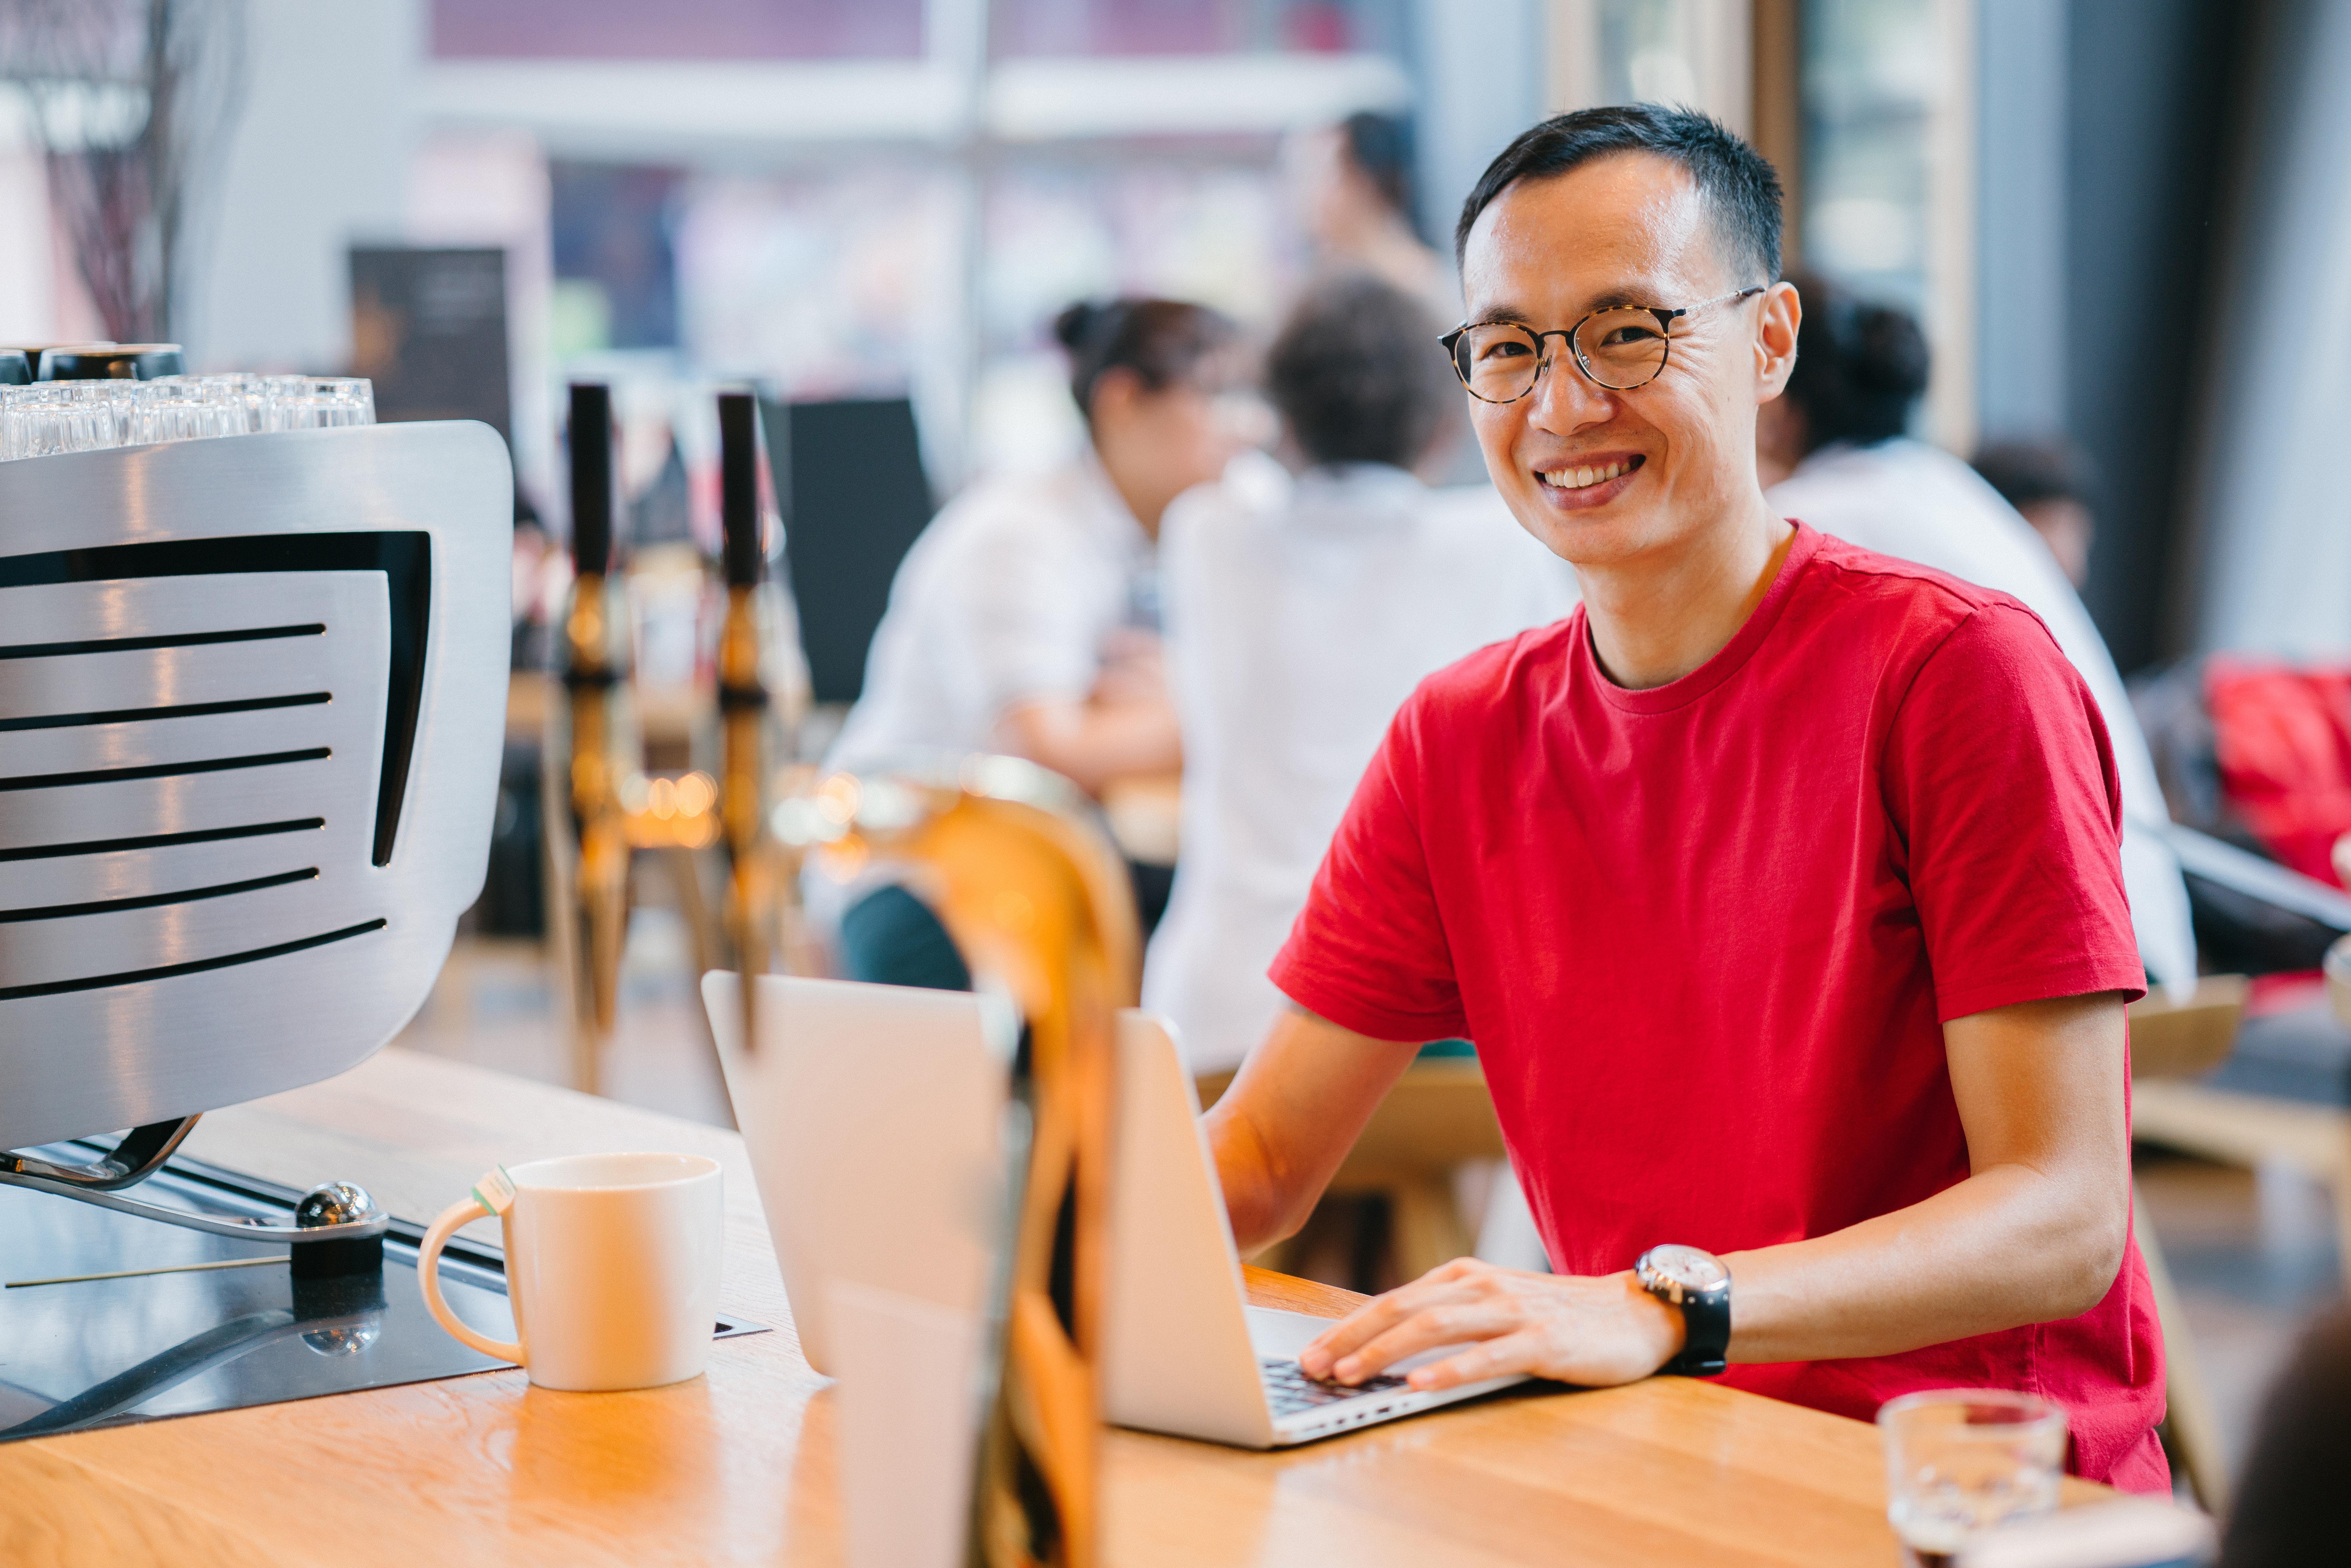 1a12db9be018 uskarp bakgrunn virksomhet kafe uformelt kaffe Kaffebutikk digital nomade  briller ansiktsuttrykk innendørs laptop krus mennesker person